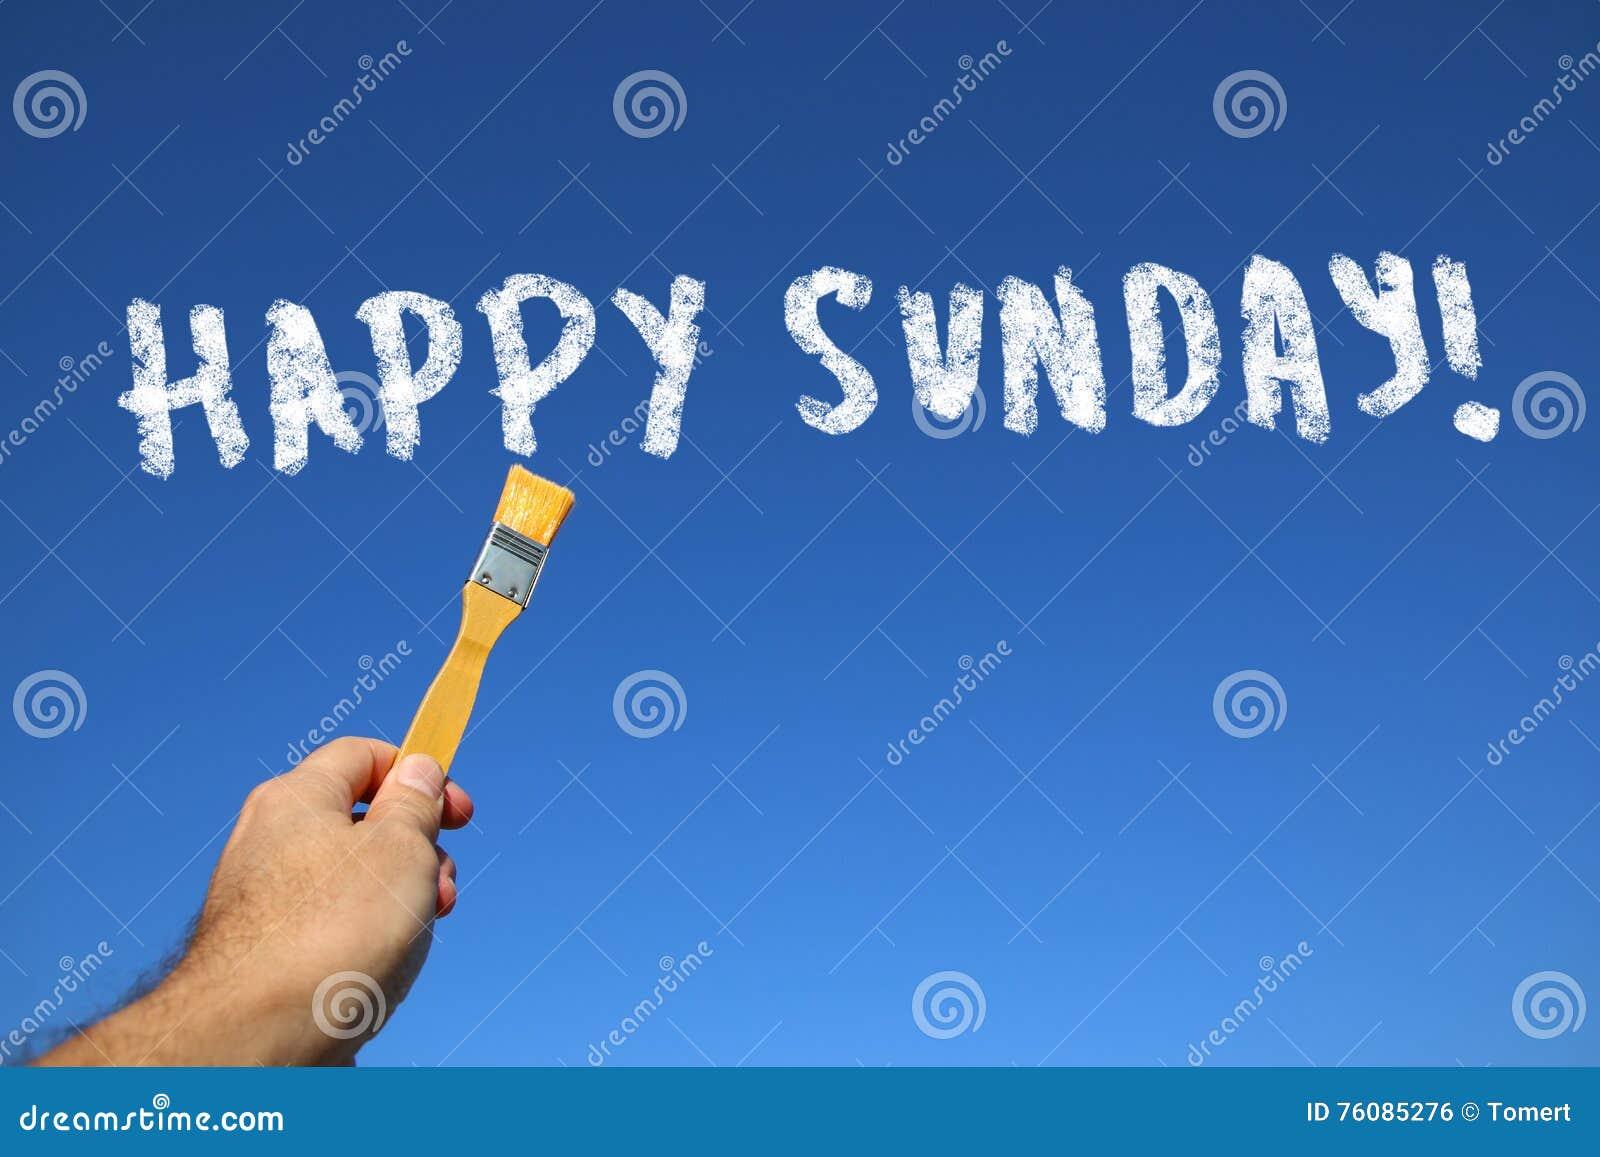 équipez la main tenant le pinceau avec le texte dimanche heureux